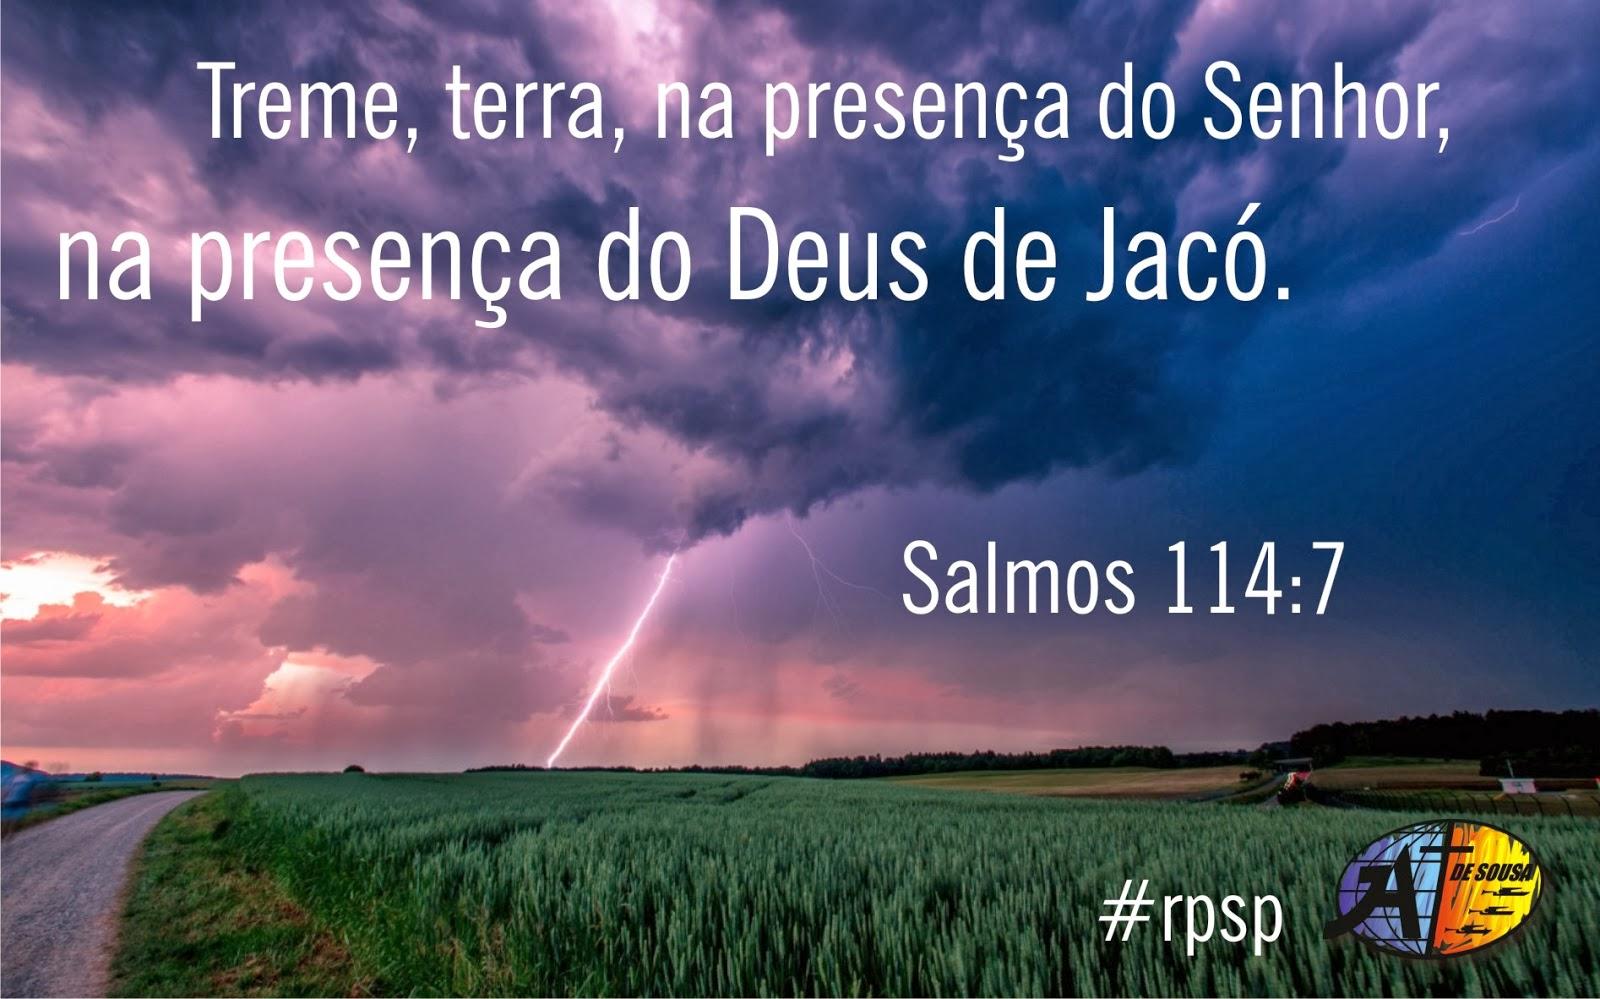 Resultado de imagem para salmo 114